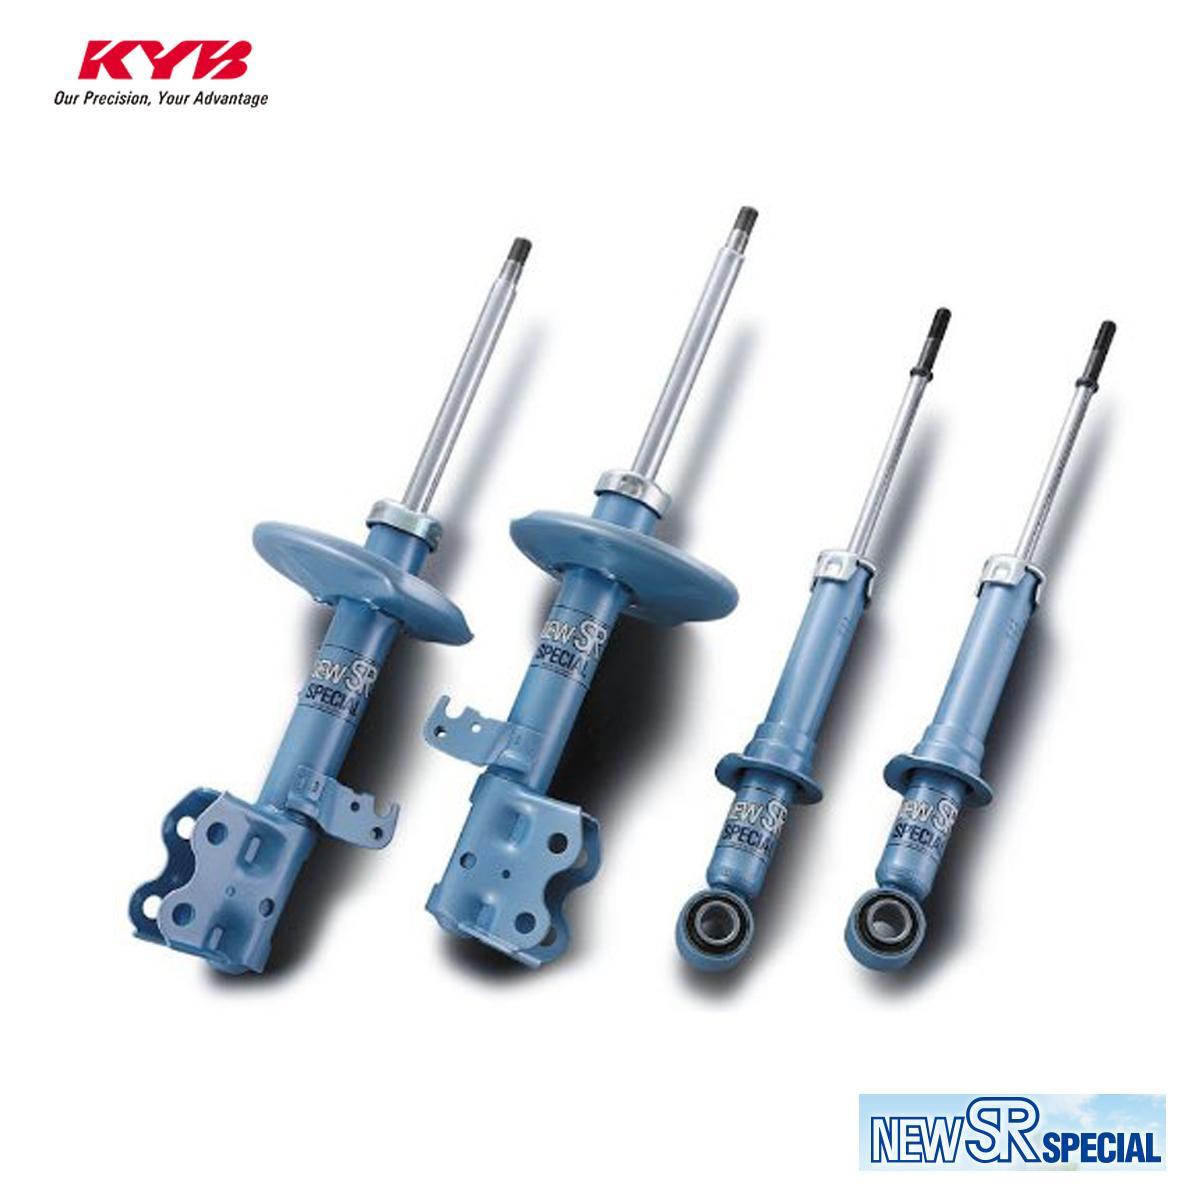 KYB カヤバ アルト CM21V ショックアブソーバー フロント 右用 1本 ニュー SRスペシャル 単品 NEW SR SPECIAL NST8006R